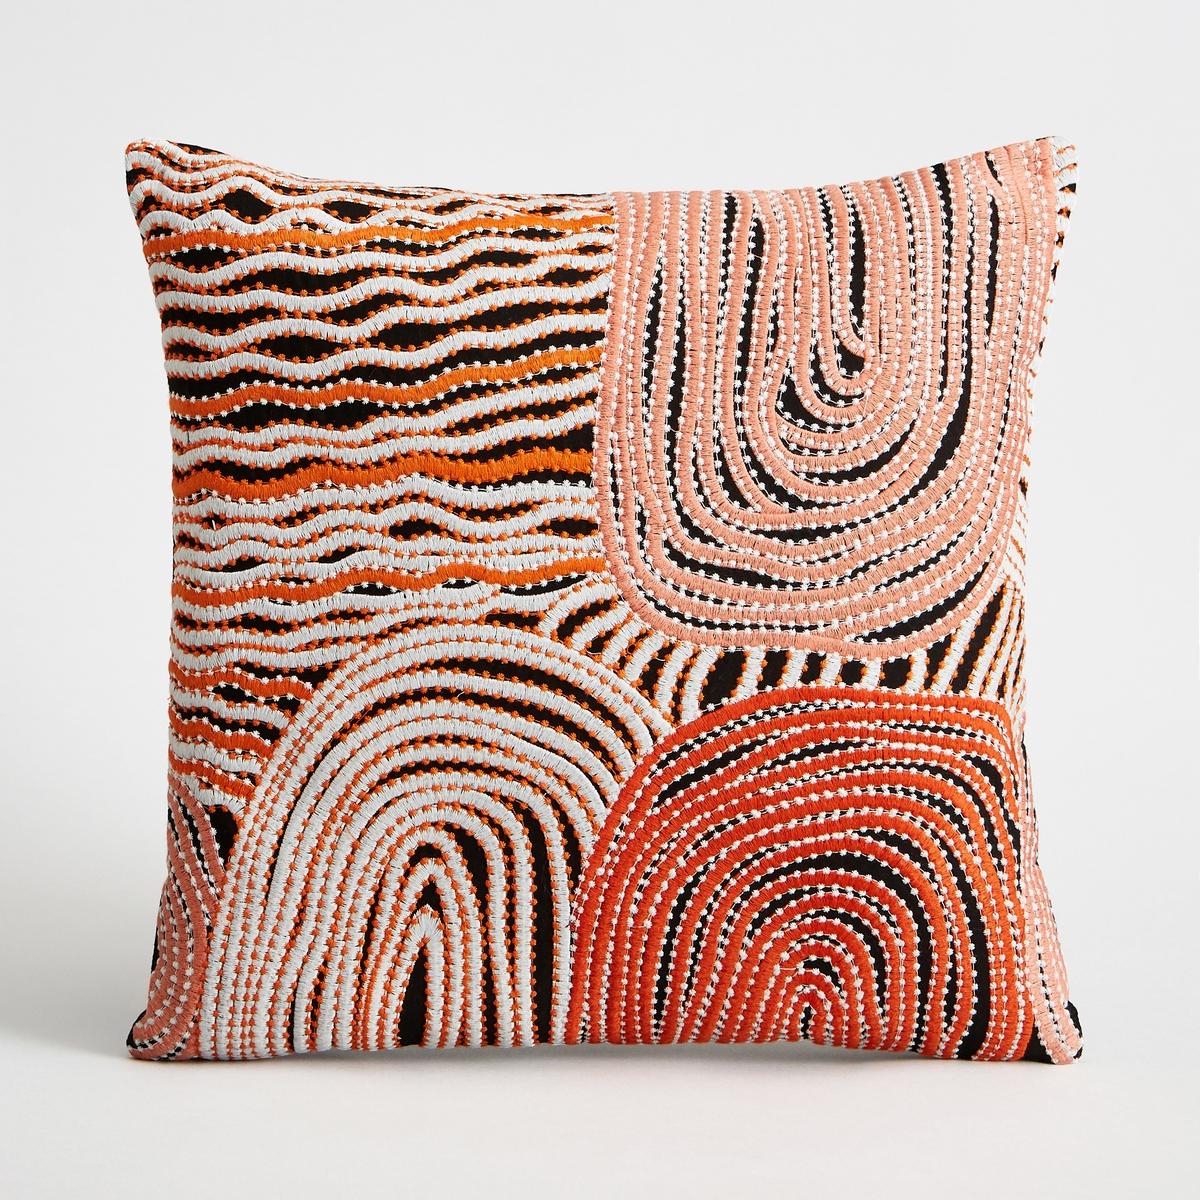 Чехол для подушки RatapikoЧехол для подушки Ratapiko с рисунком и вышивкой. Застежка на молнию. Стирка при 30°.Состав:- 100% хлопок. Размеры :- 40 x 40 см.Подушка продается отдельно на сайте.<br><br>Цвет: оранжевый/ черный